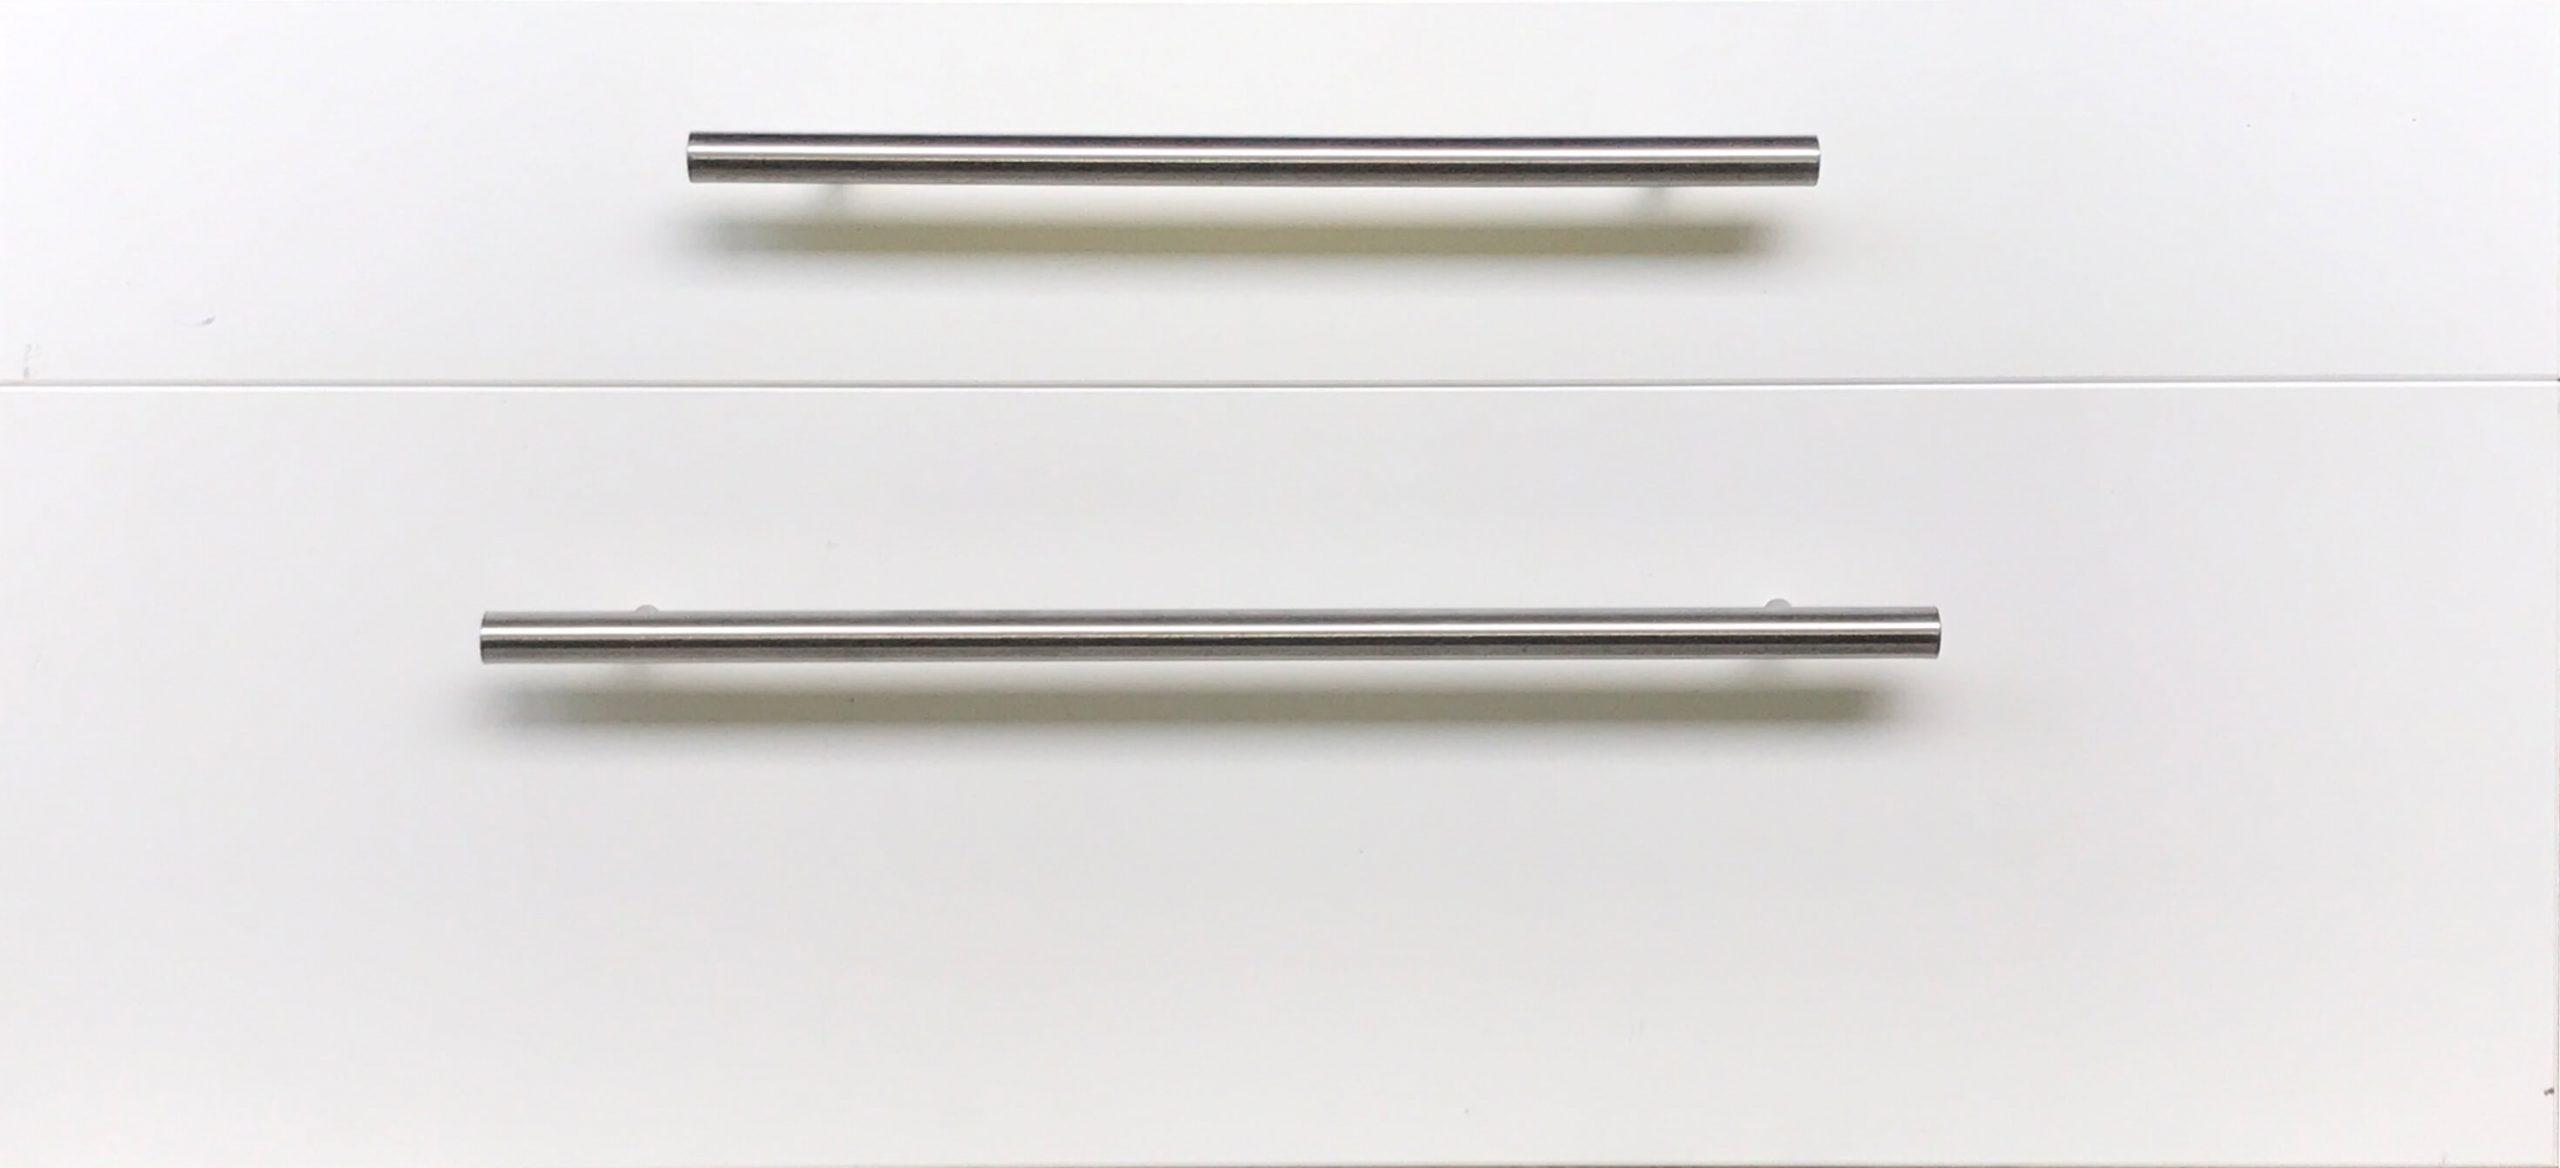 Full Size of Ikea Griffe Blankett Griff 395 Mm Aluminium Griffeltavla Montieren Anbringen Küche Kosten Möbelgriffe Modulküche Sofa Mit Schlaffunktion Kaufen Betten Wohnzimmer Ikea Griffe